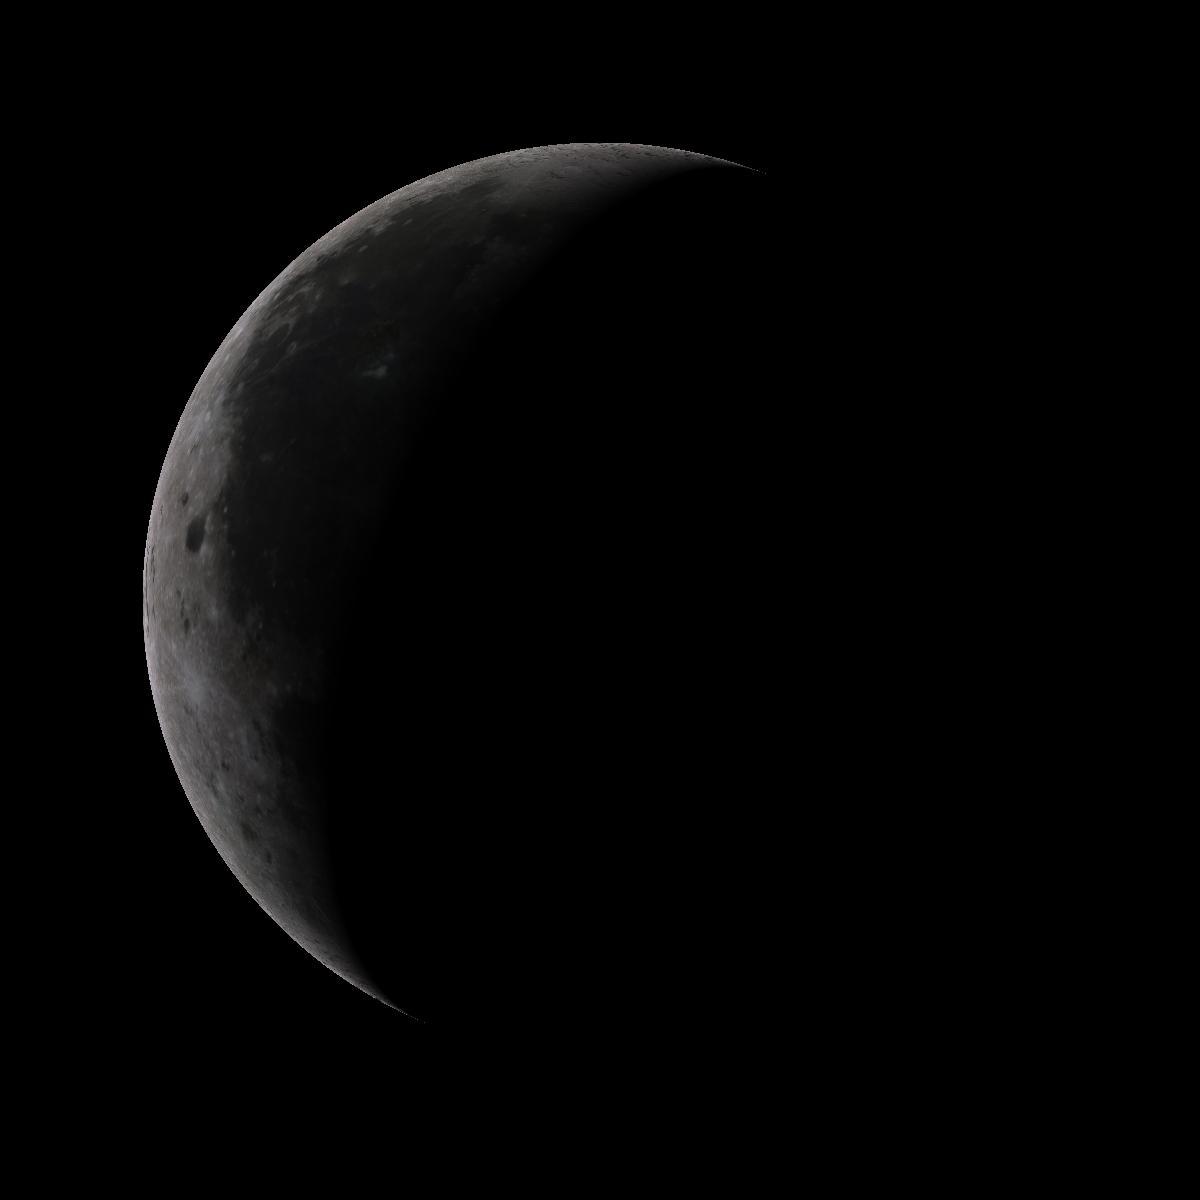 Lune du 28 juin 2019